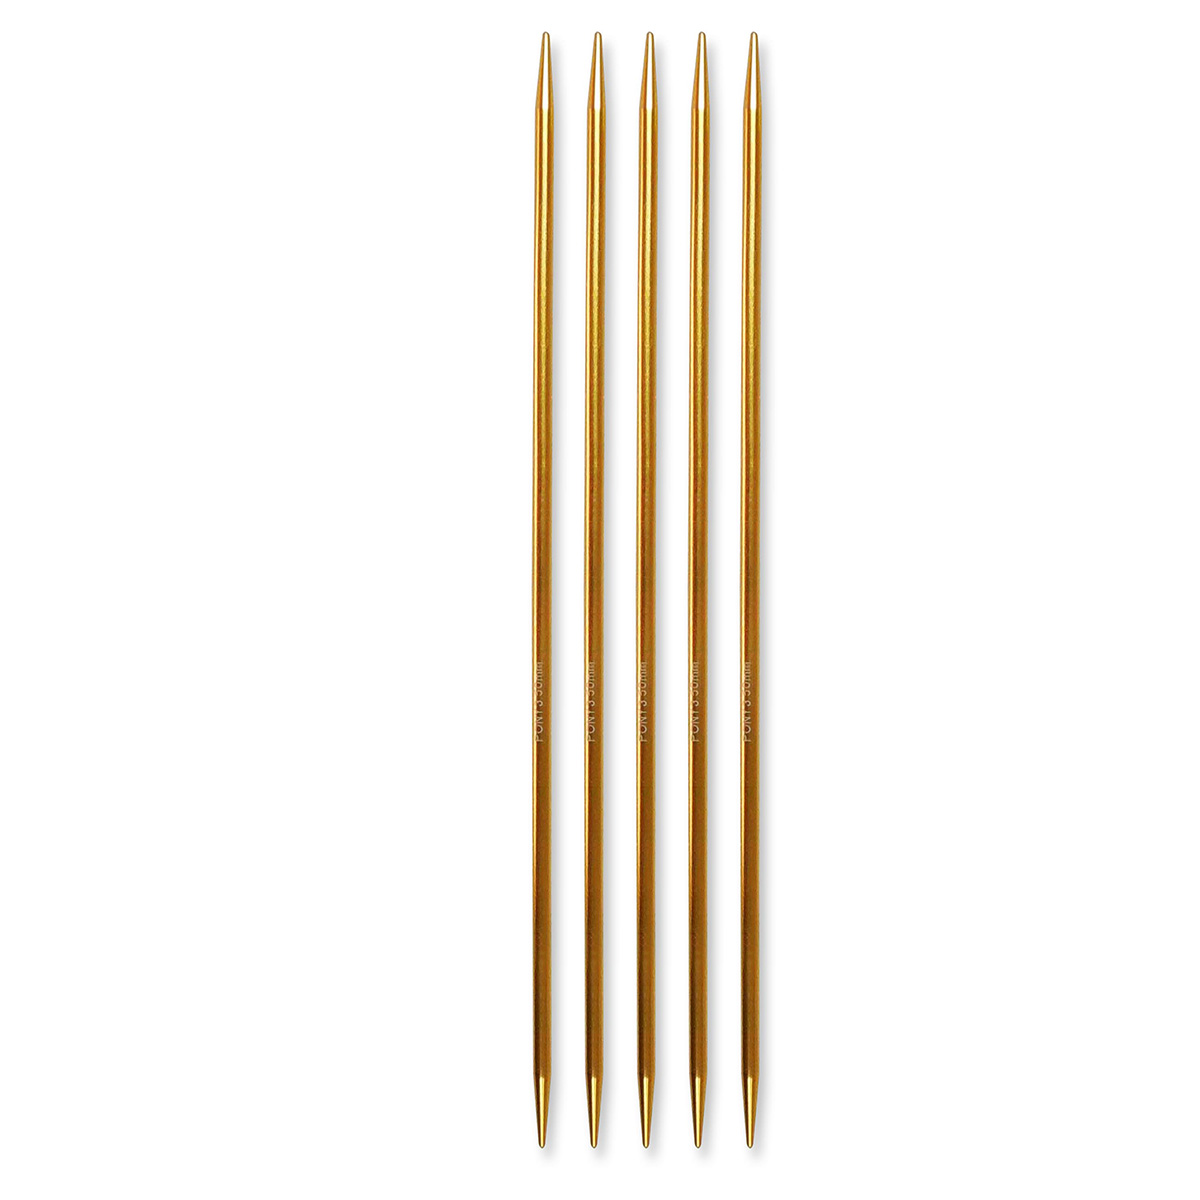 Billede af Pony strømpepinde - Nr. 3,5 - Guld